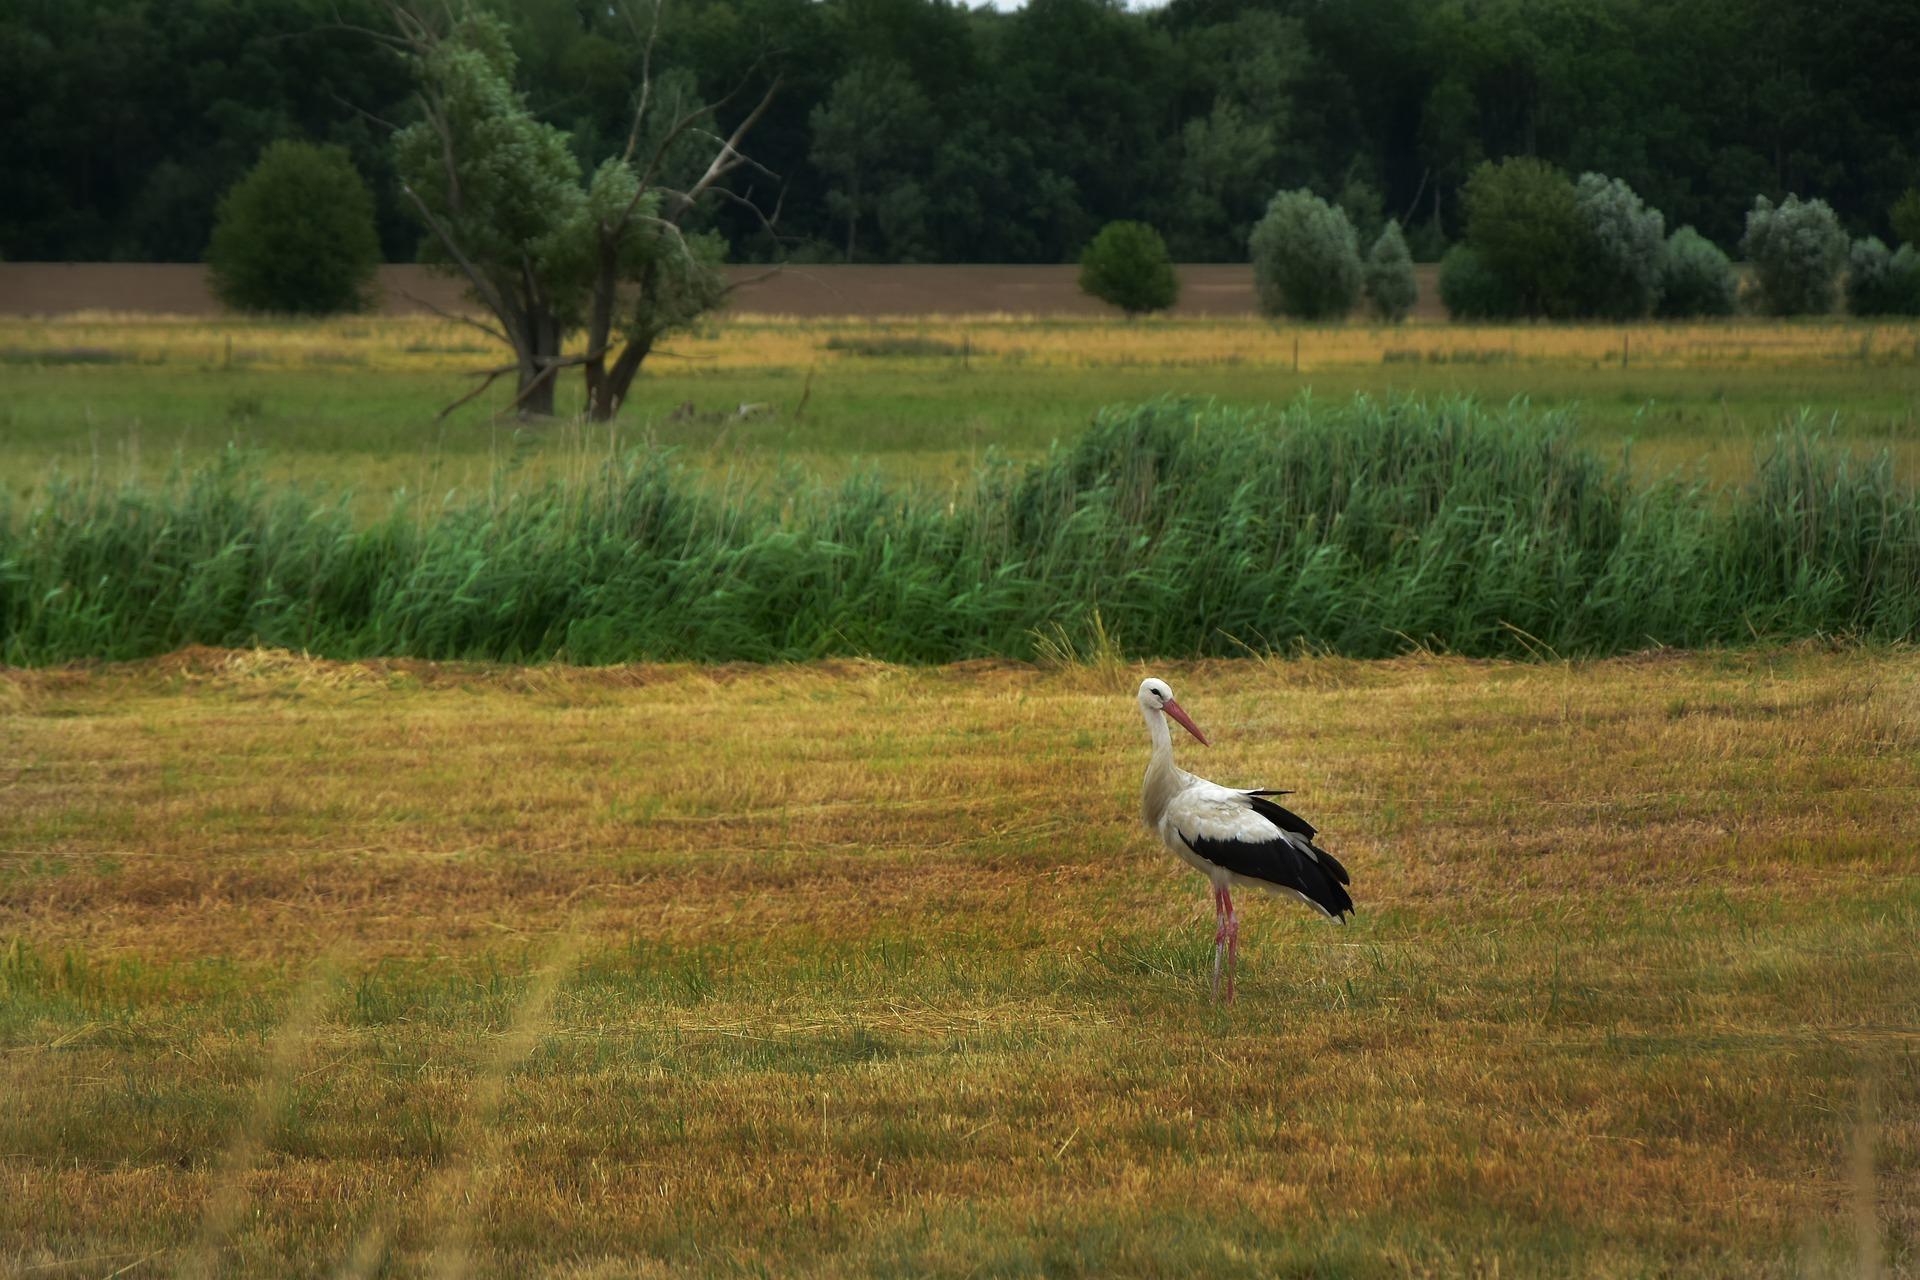 Agricultura confirma la presència d'Influença aviària en aus dels Aiguamolls de l'Empordà